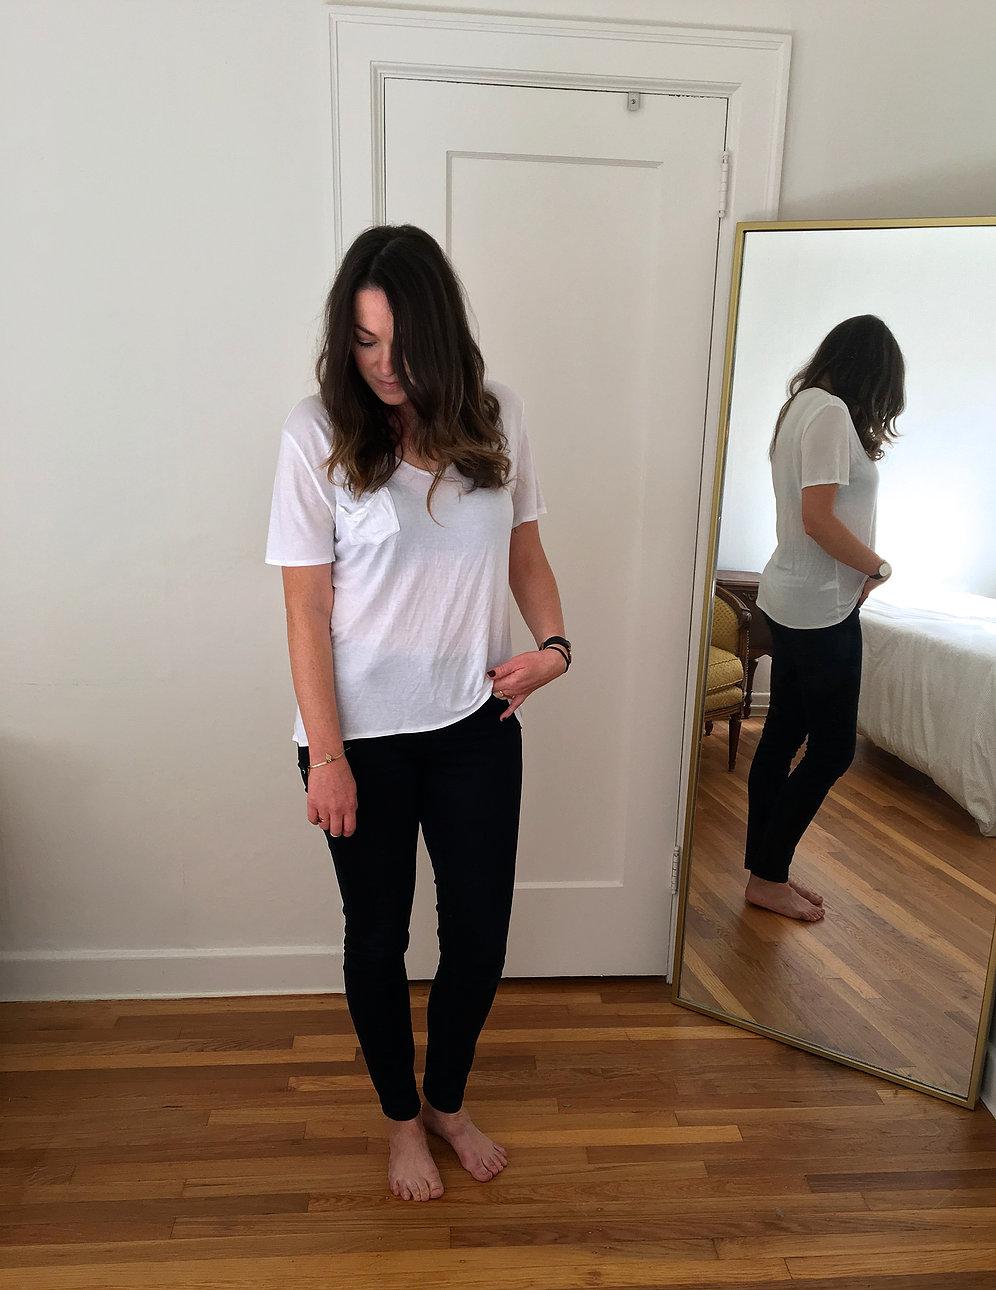 Black jeans - Imogene + Willie ,      T-shirt - Everlane